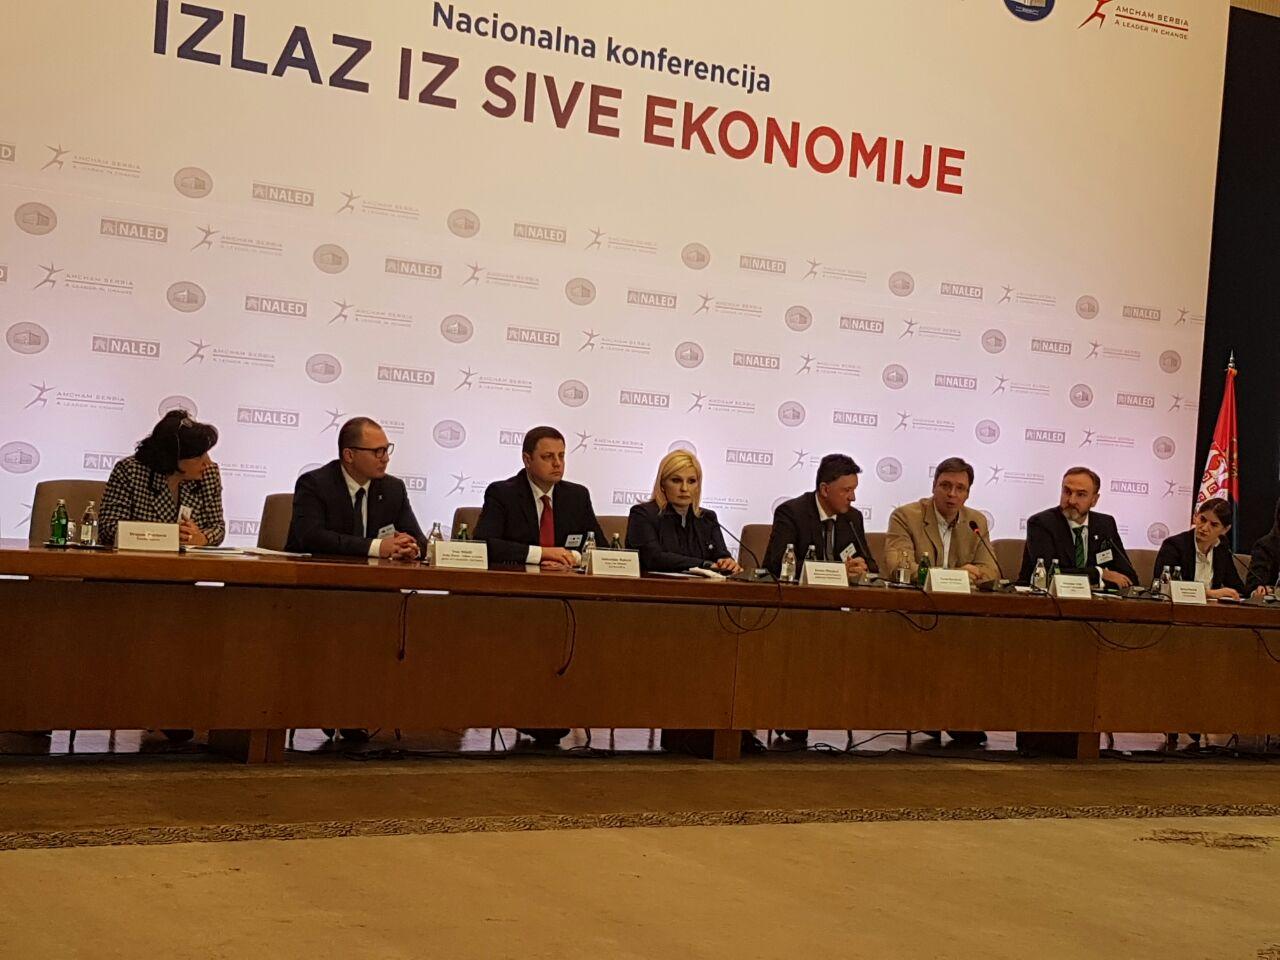 Photo of Vasić: Naredne dve godine posvećene intenzivnoj borbi protiv sive ekonomije